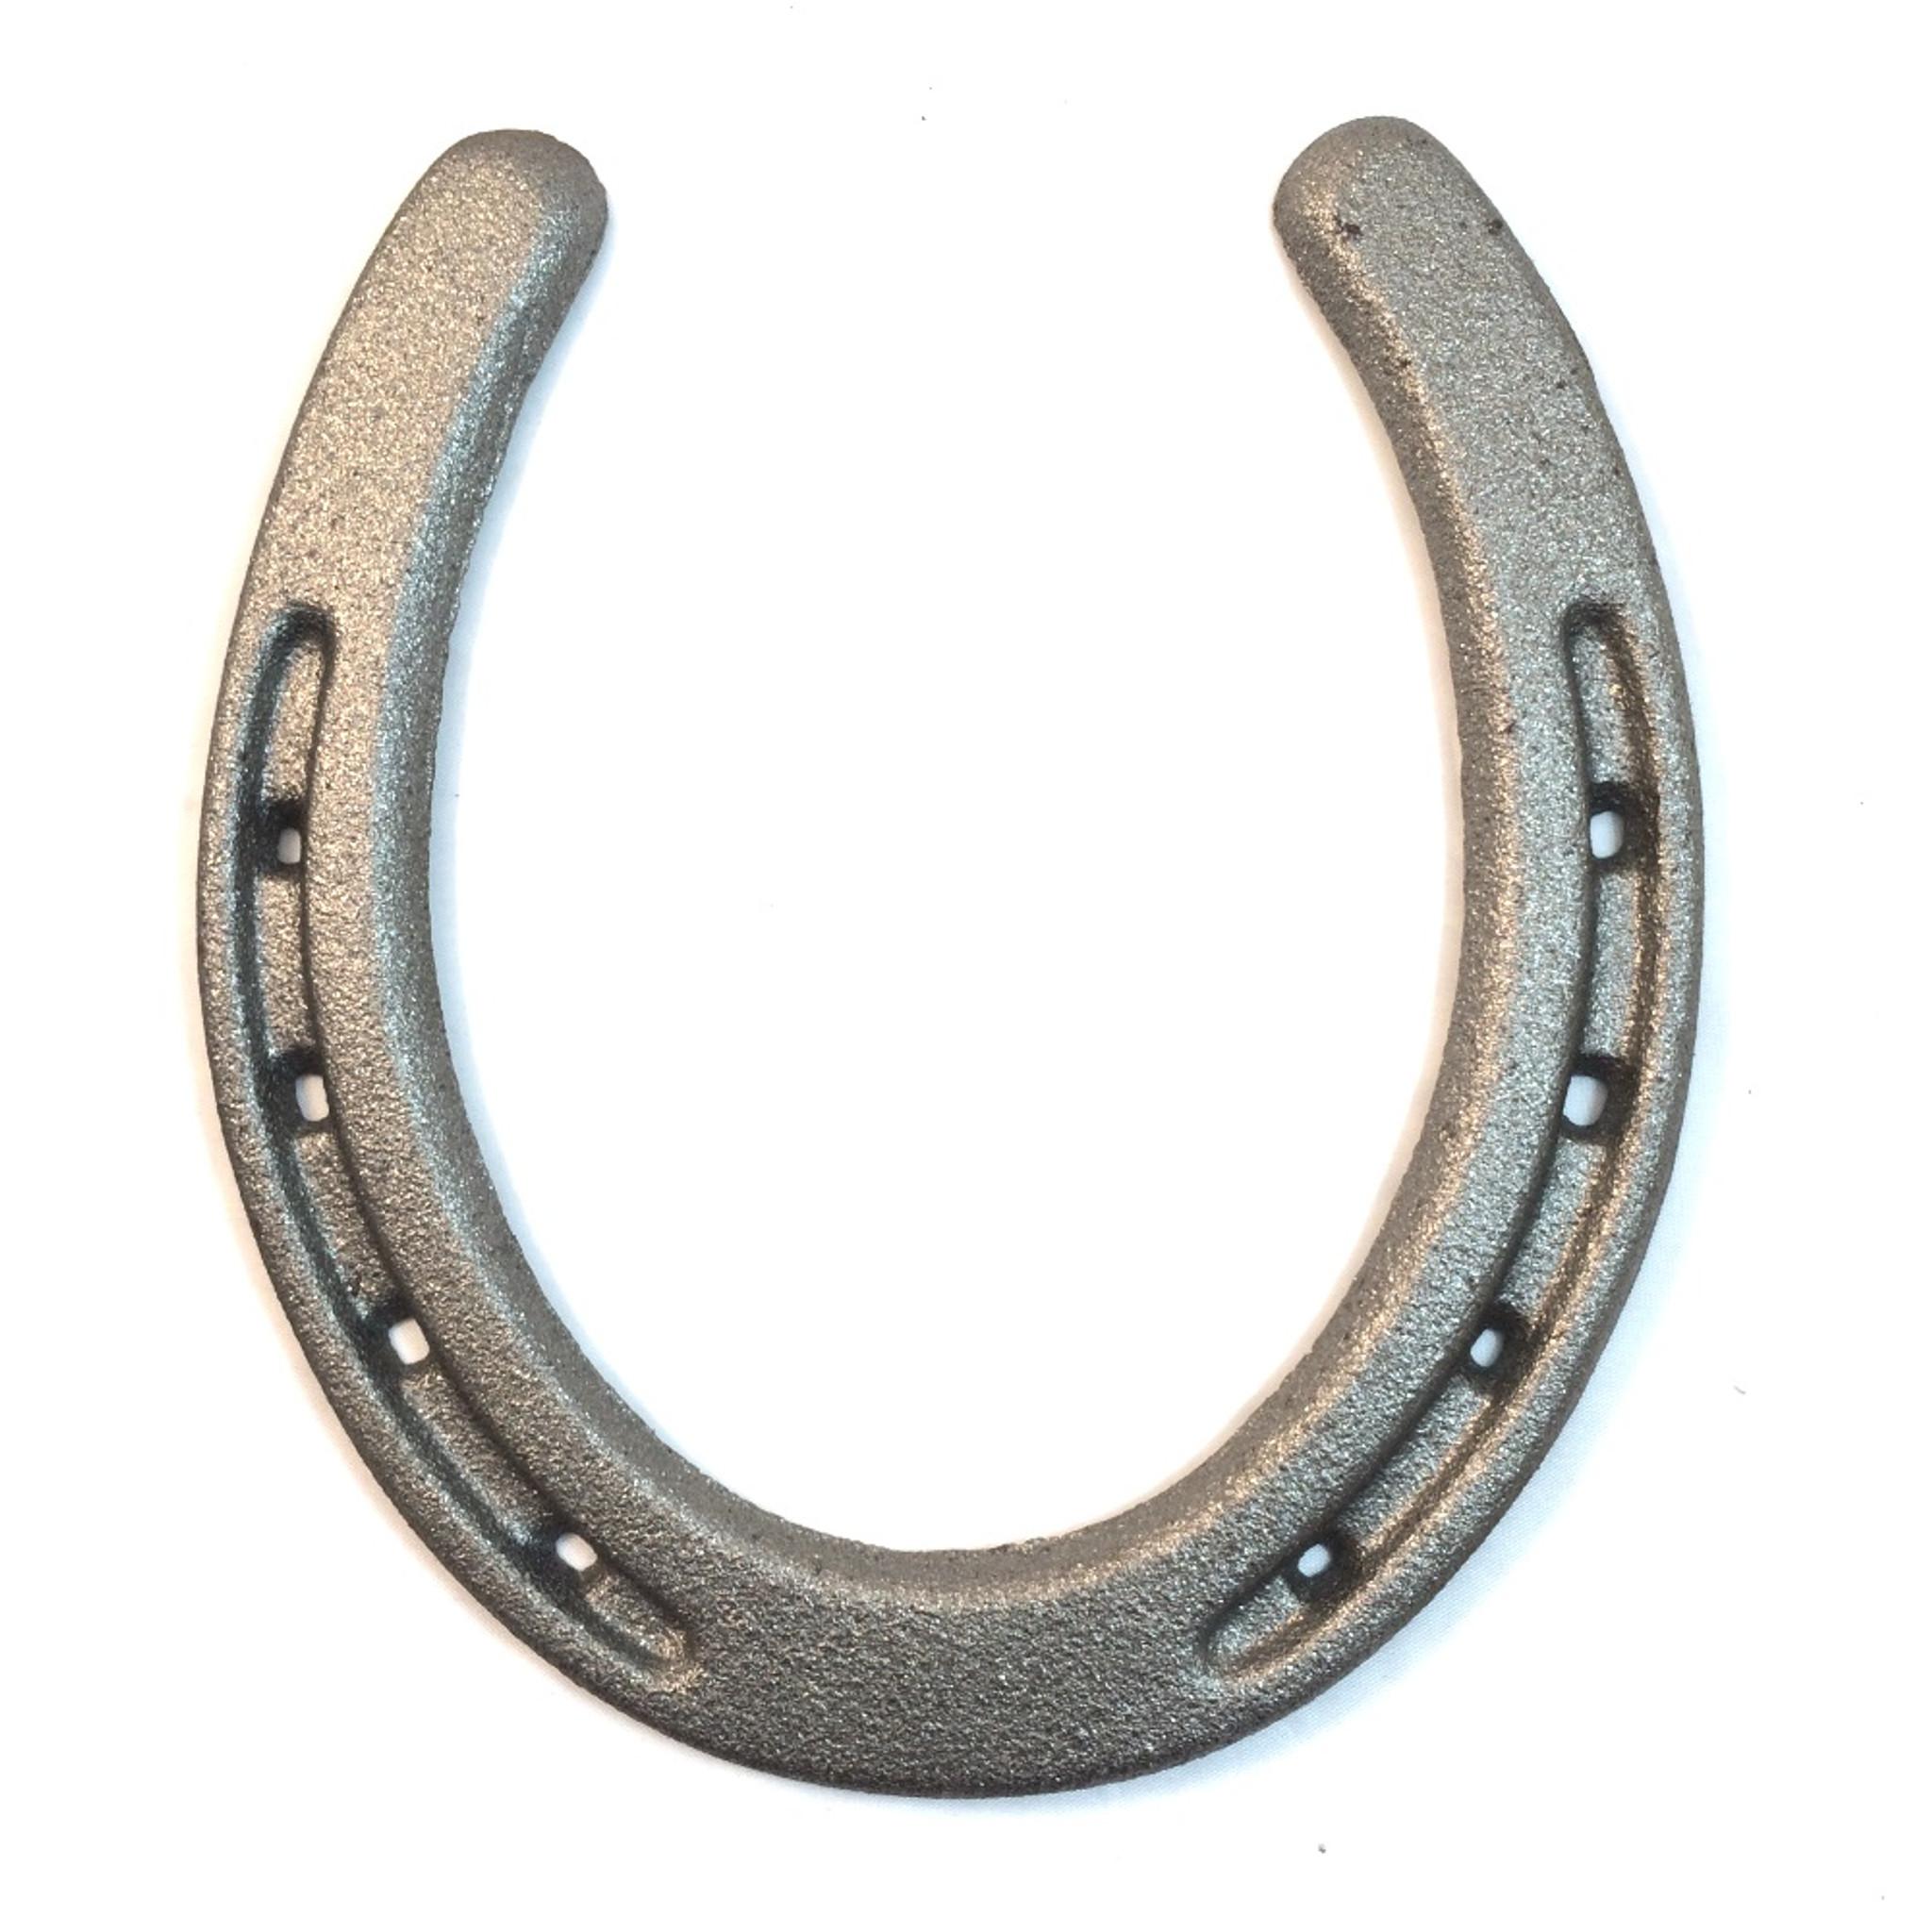 Large Cast Iron Horse Shoe Texas Uniques Store